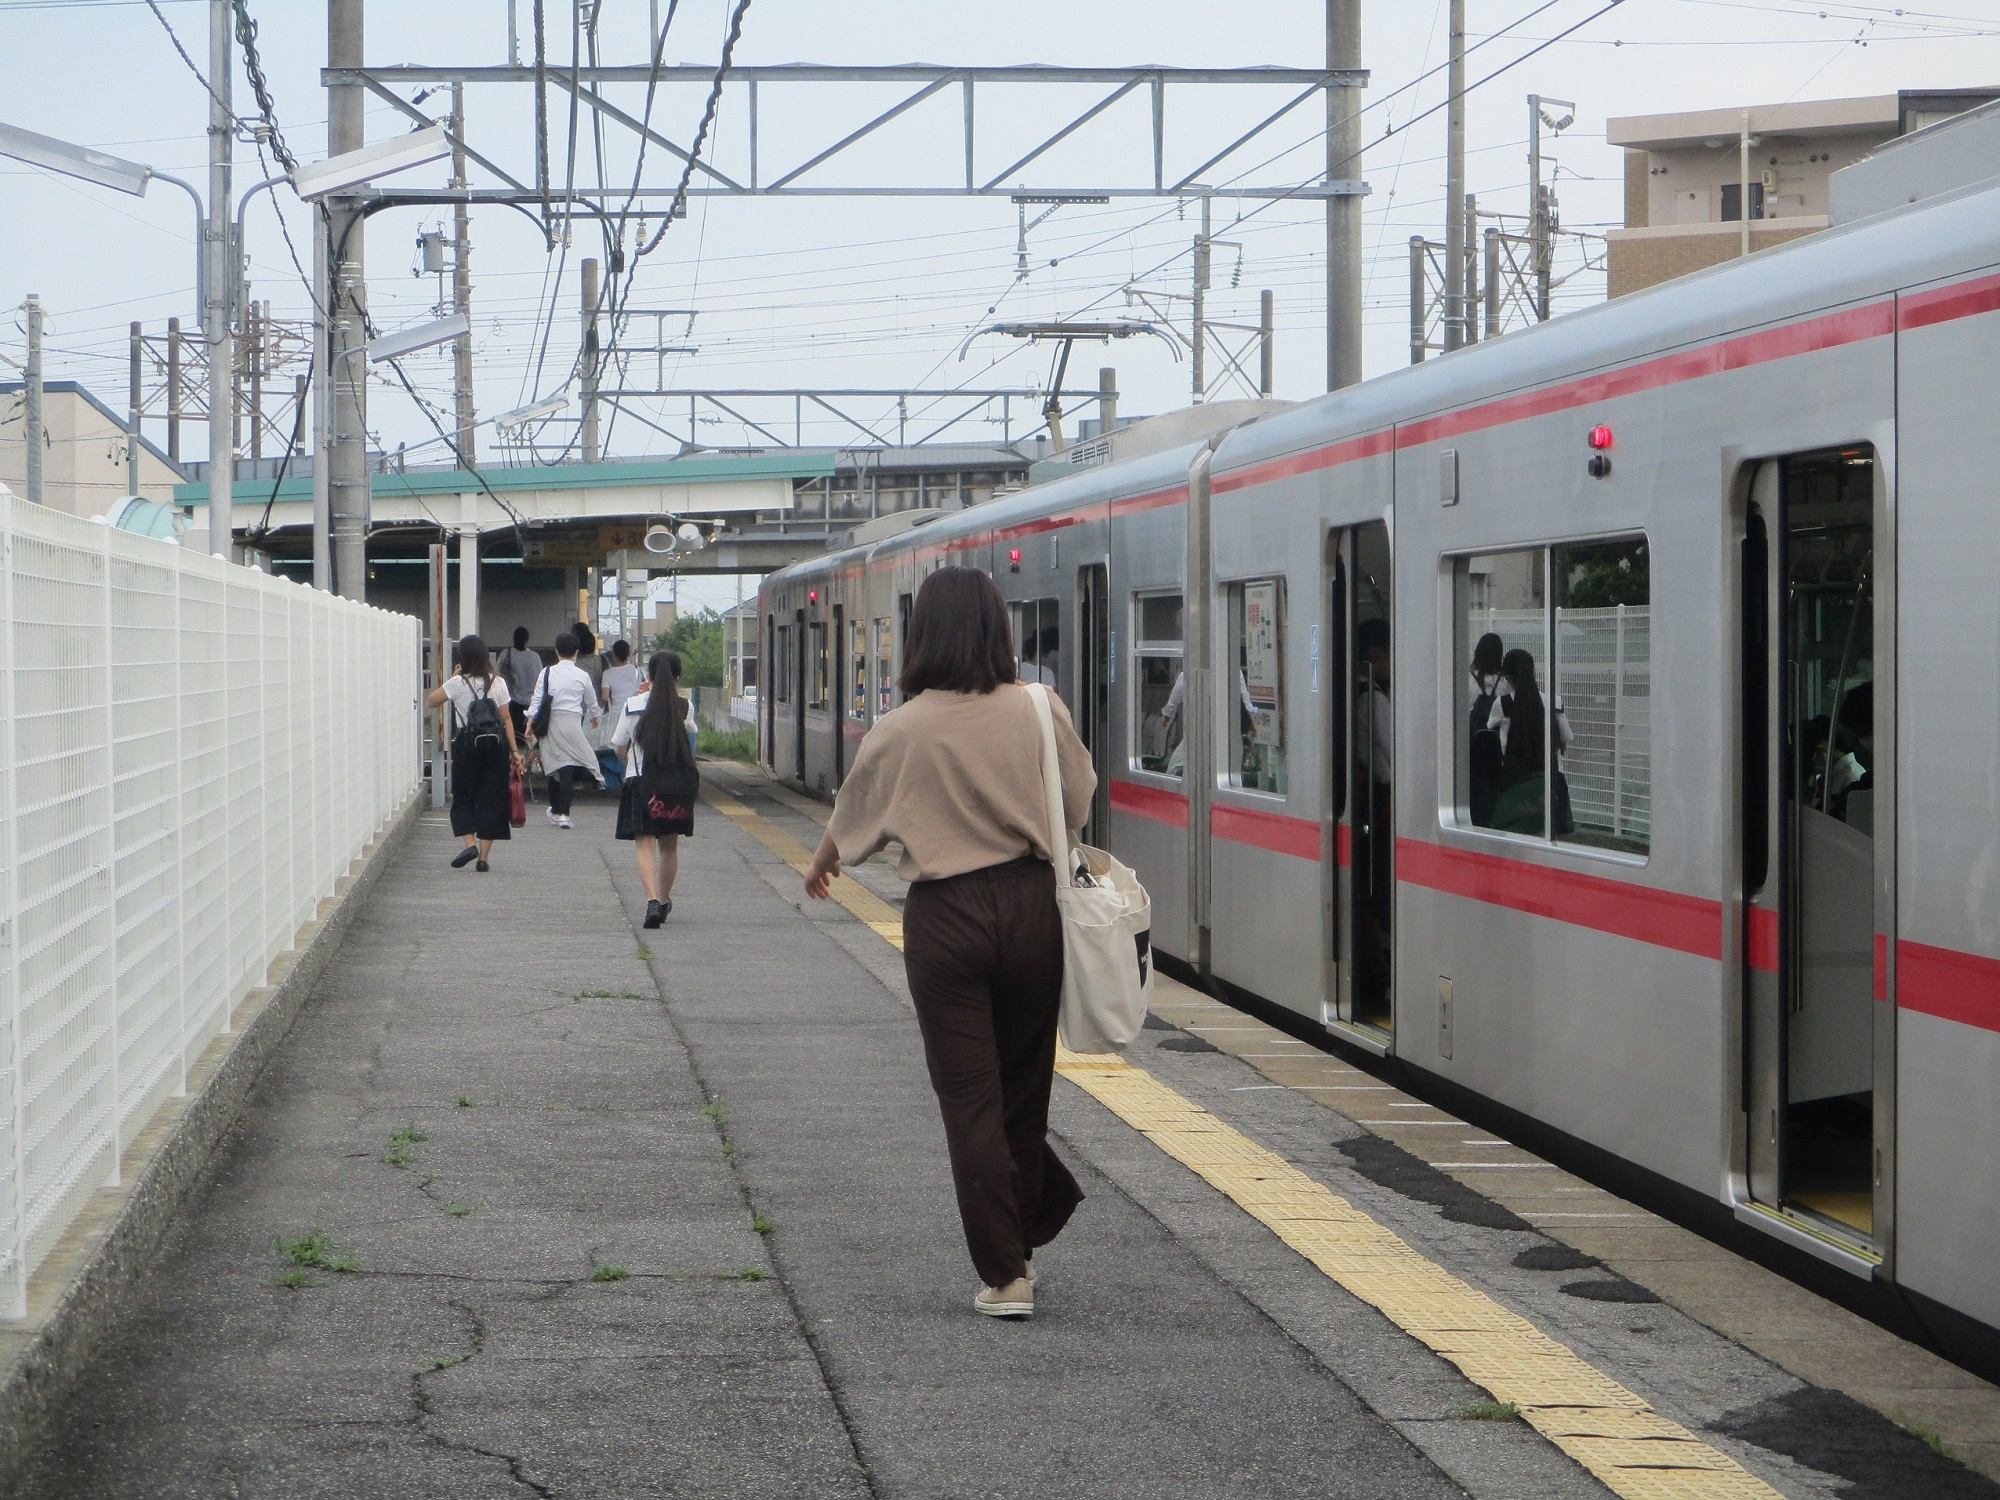 2020.6.15 (90) ふるい - 西尾いきふつう 2000-1500